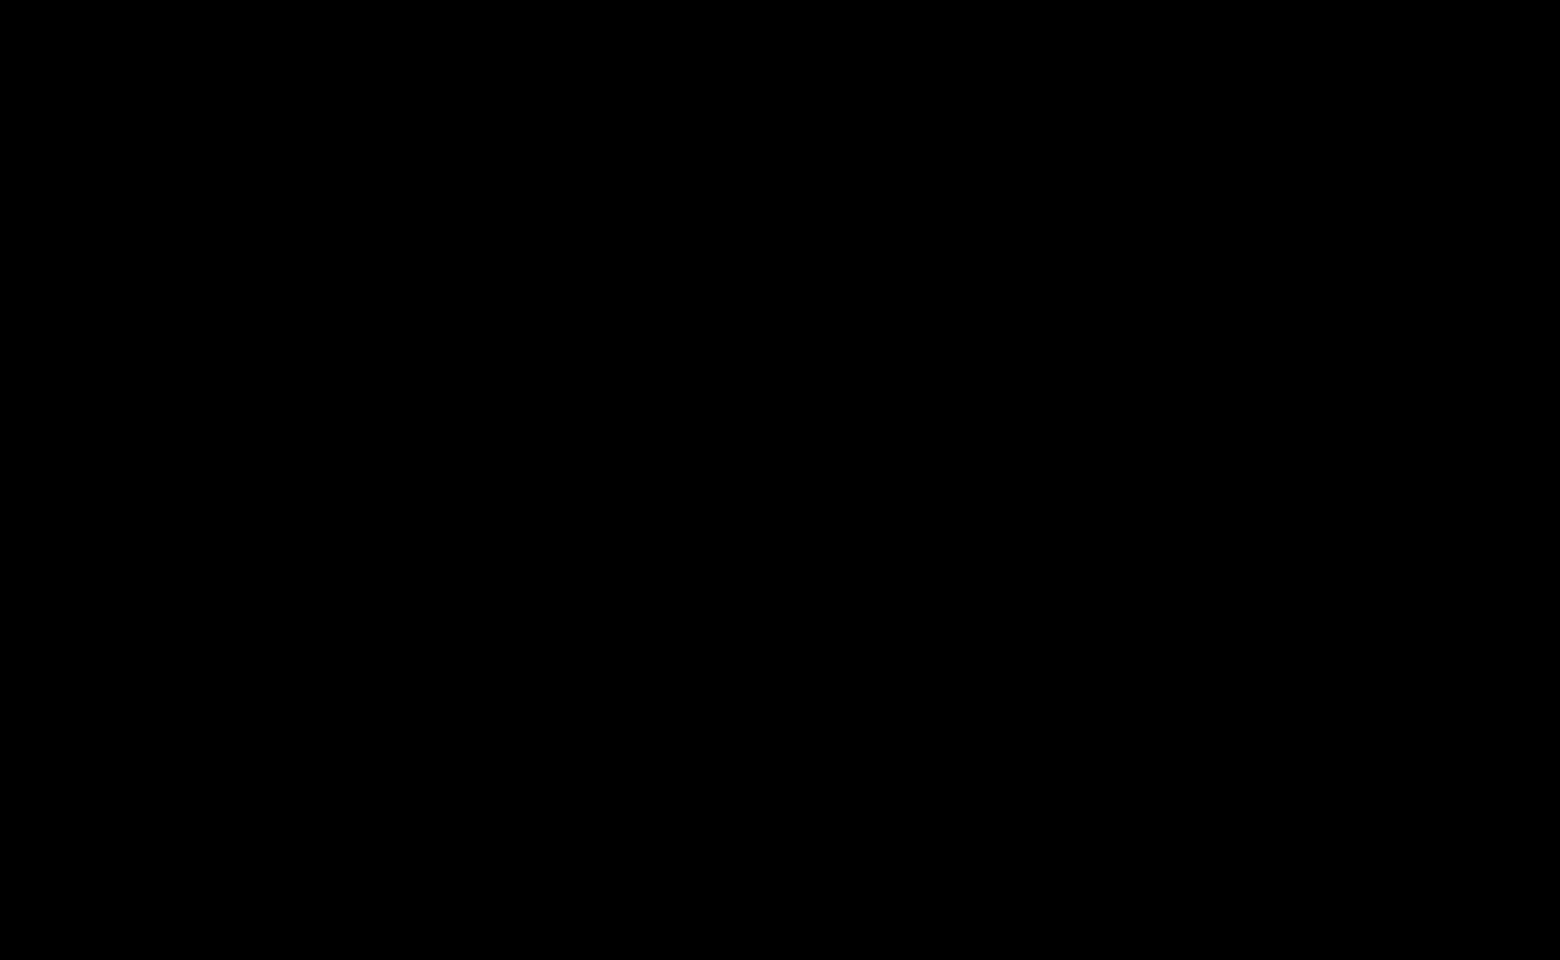 Continous Delivery mit GitLab am Beispiel einer Android-App: Signiertes Release-APK bauen, automatisches Git-Tagging und optionaler PlayStore-Upload.